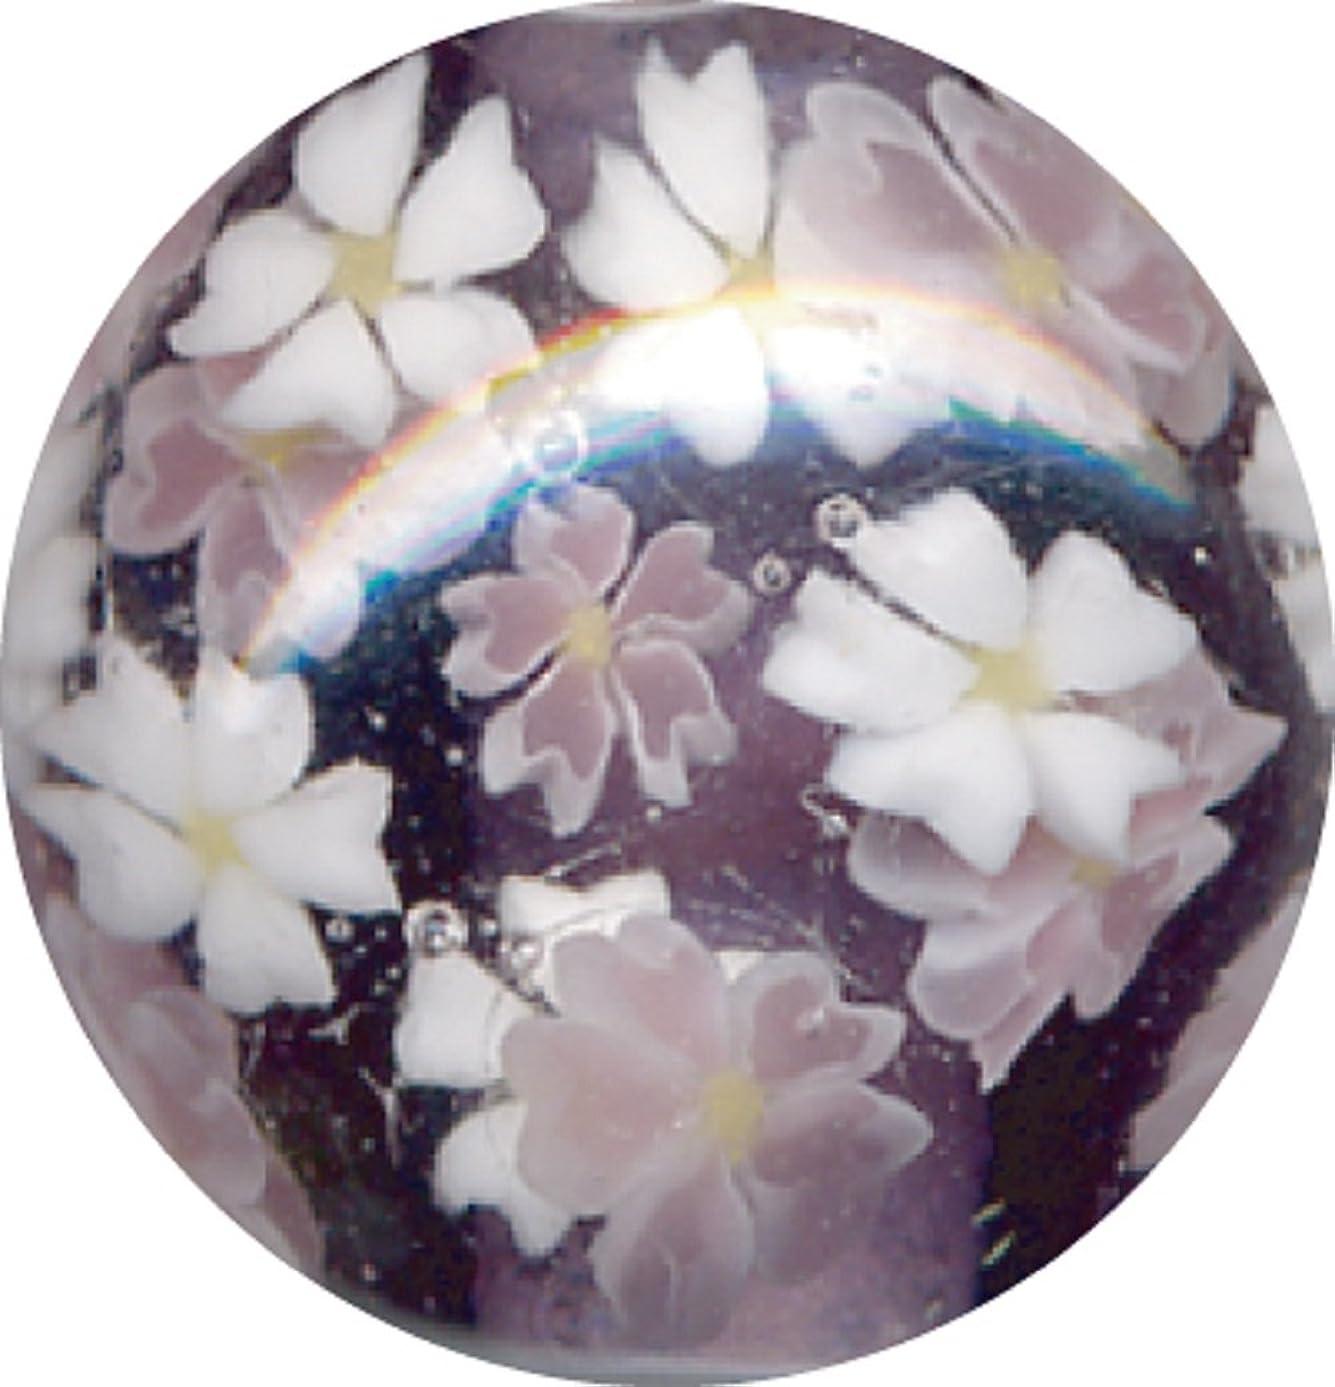 協定間違い永続とんぼ玉 桜柄 紫